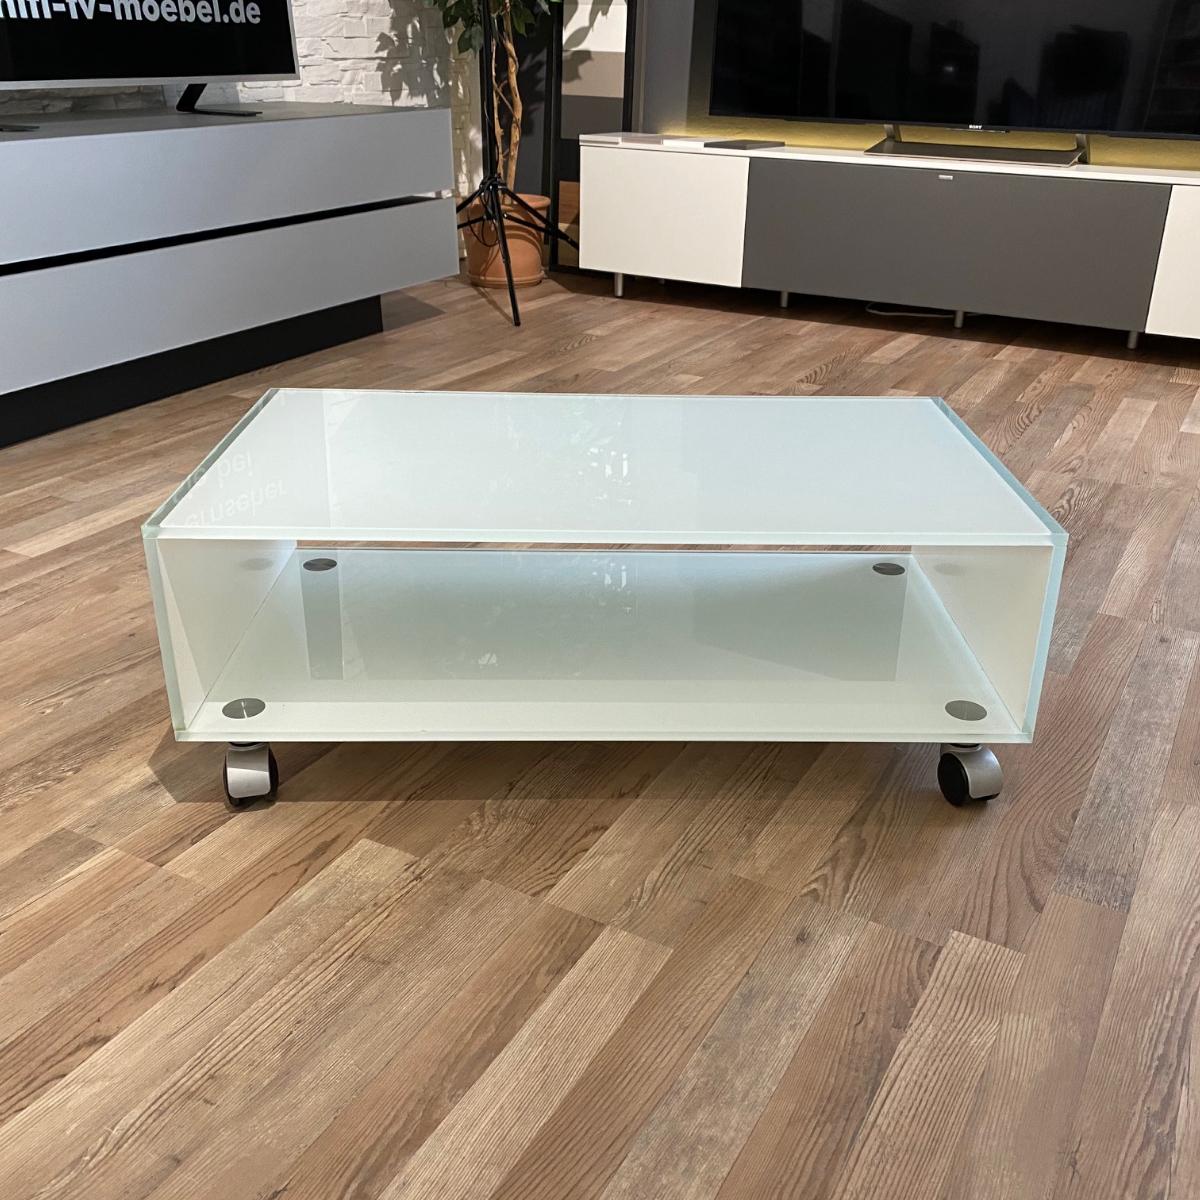 Fernsehwagen, rollbar aus Glas. Sehr stabil und kratzfest. Ablagefach für Audiogeräte. Außenmaß 85 x 23 x 45 cm. Stellfläche 58 / 65 / 73 cm. (BxHxT) Modell Mid Roll von Glass Concept.